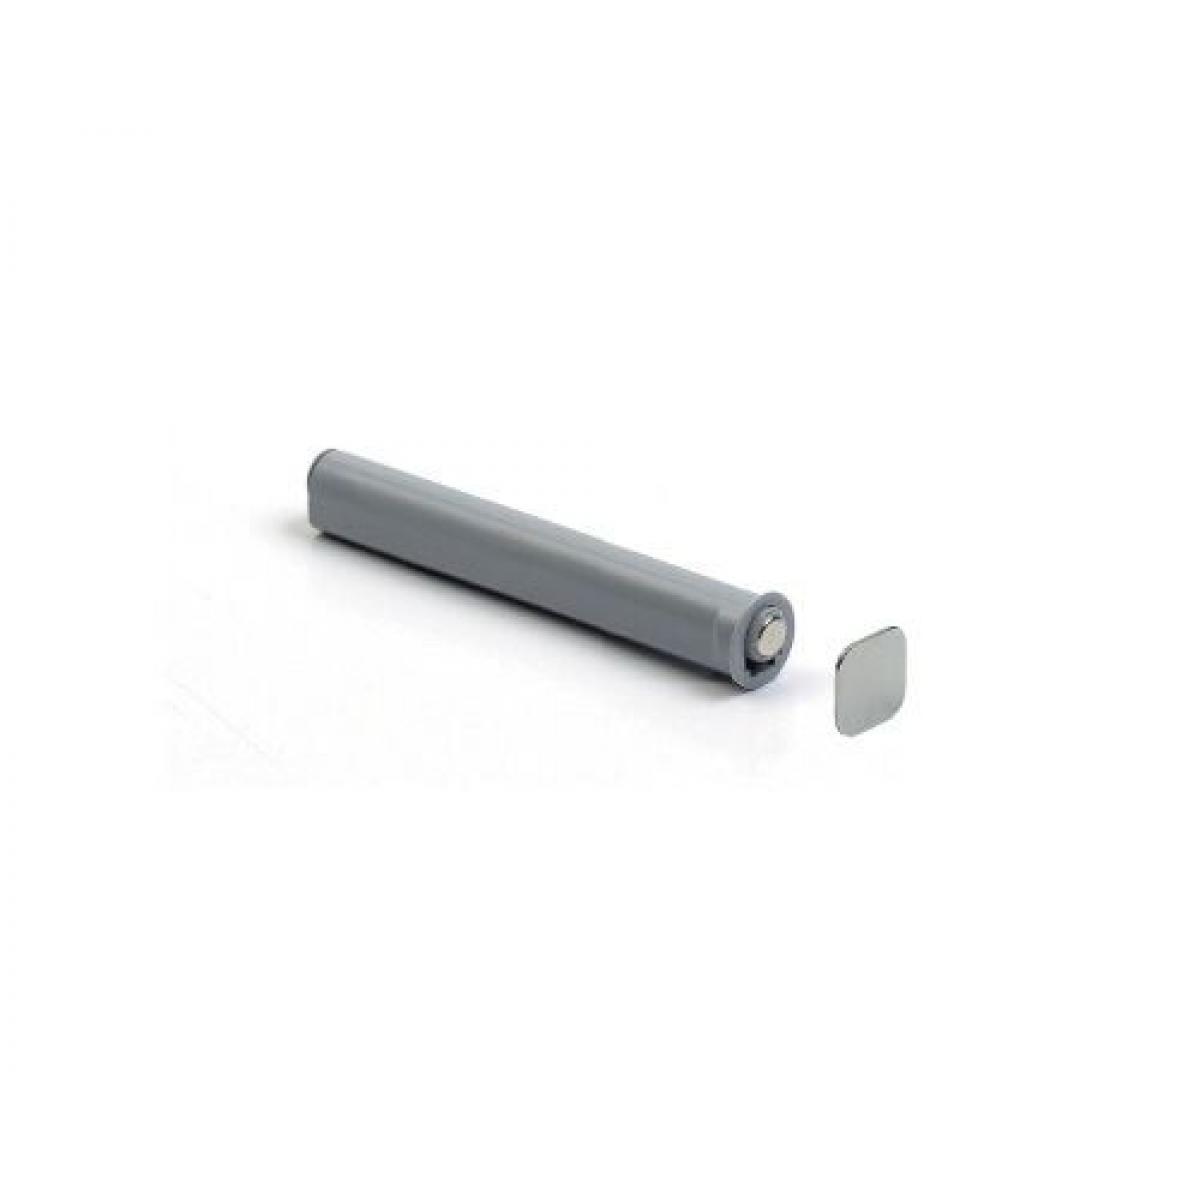 Механизм Impuls врезной 40мм цвет серый магнит на липучке